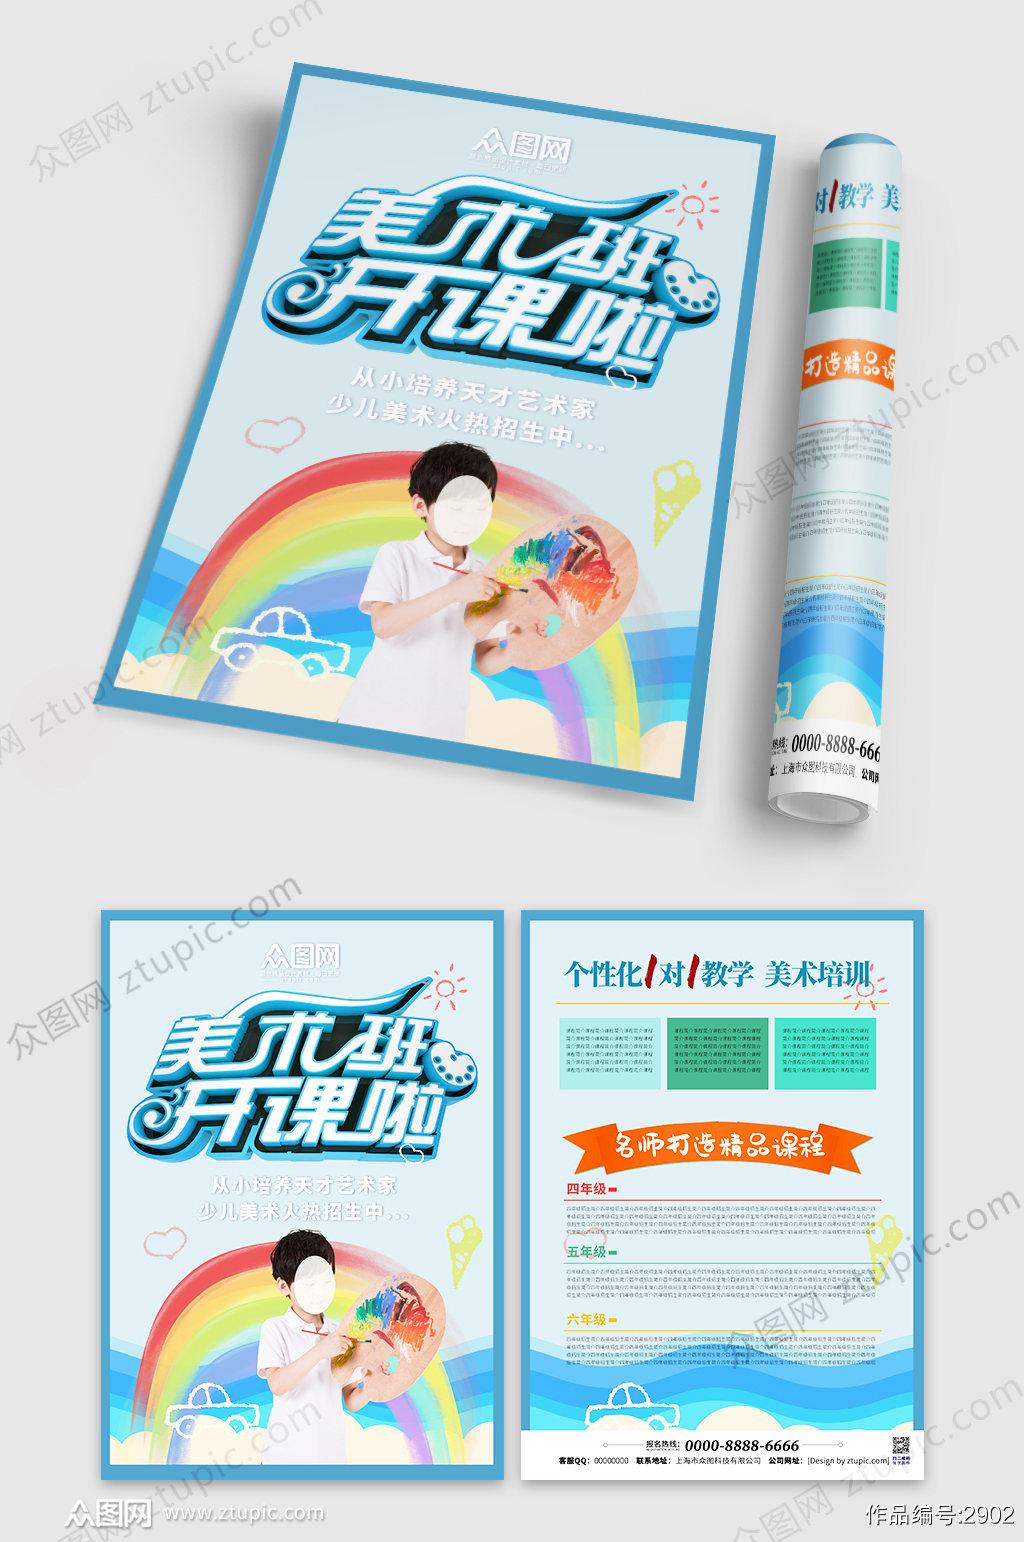 少儿彩虹美术绘画培训招生开课宣传单素材